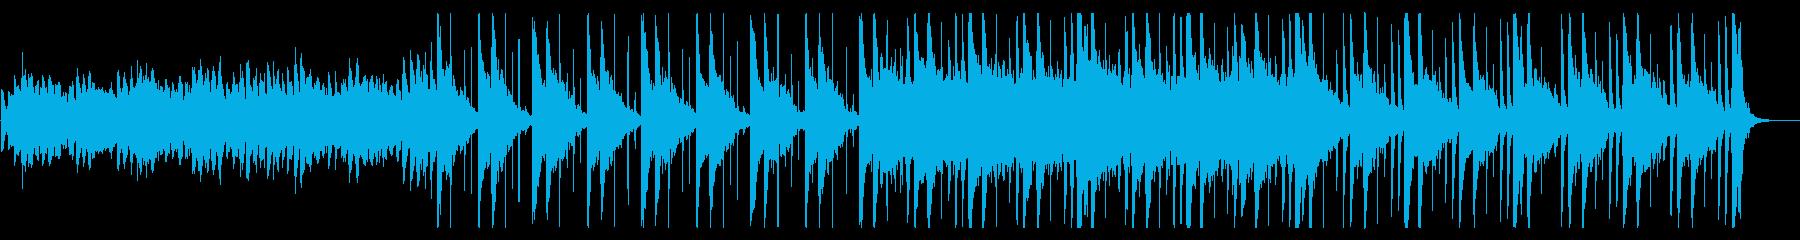 和を感じる切ないBGM_No604_3の再生済みの波形